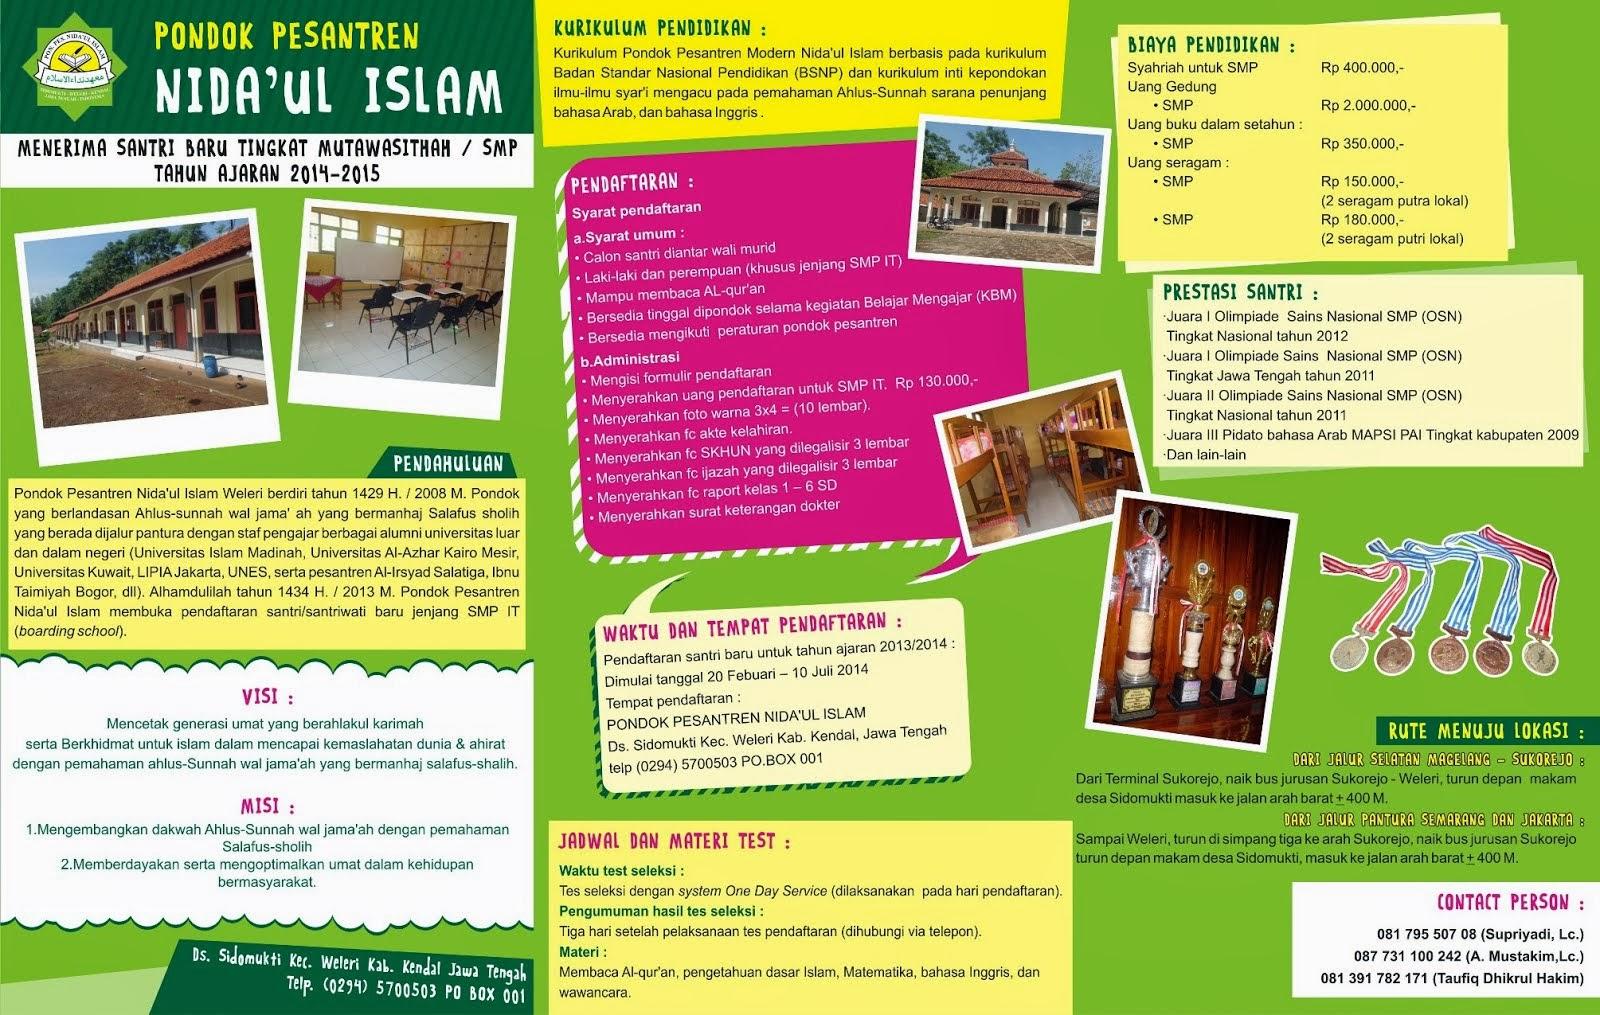 Penerimaan Santri Baru Ponpes Modern Nida'ul Islam Weleri - Kendal - Jateng Tahun Ajaran 2015/2016